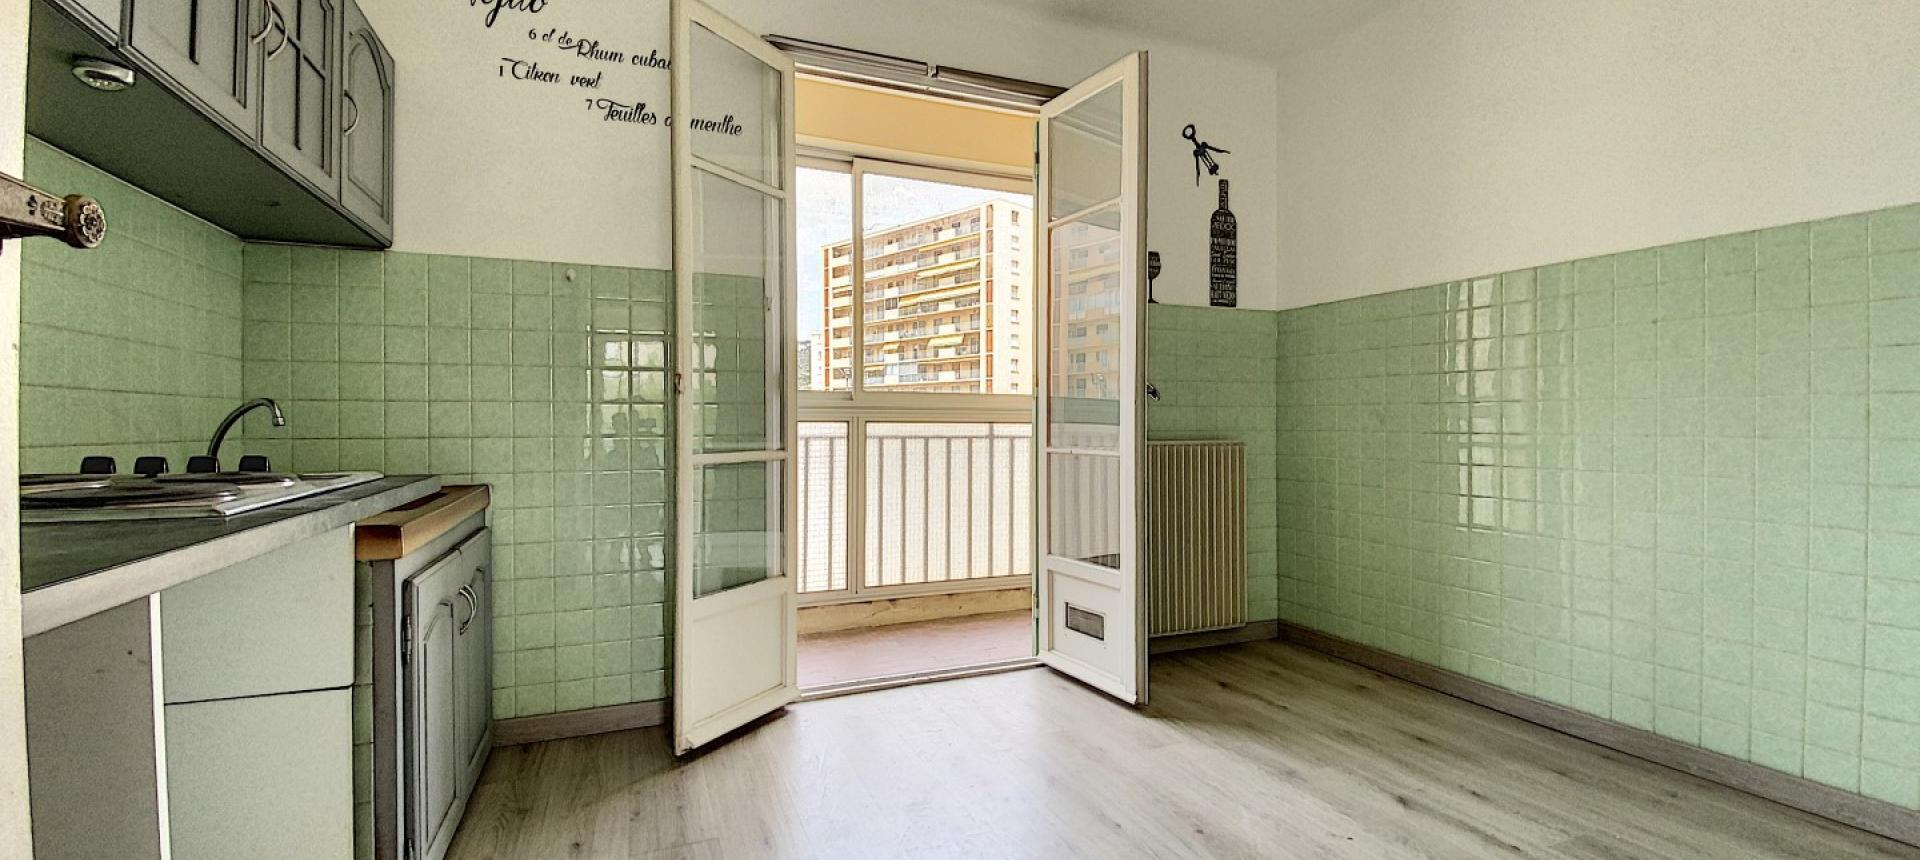 A vendre appartement F3 proche centre-ville - Vue cuisine 2